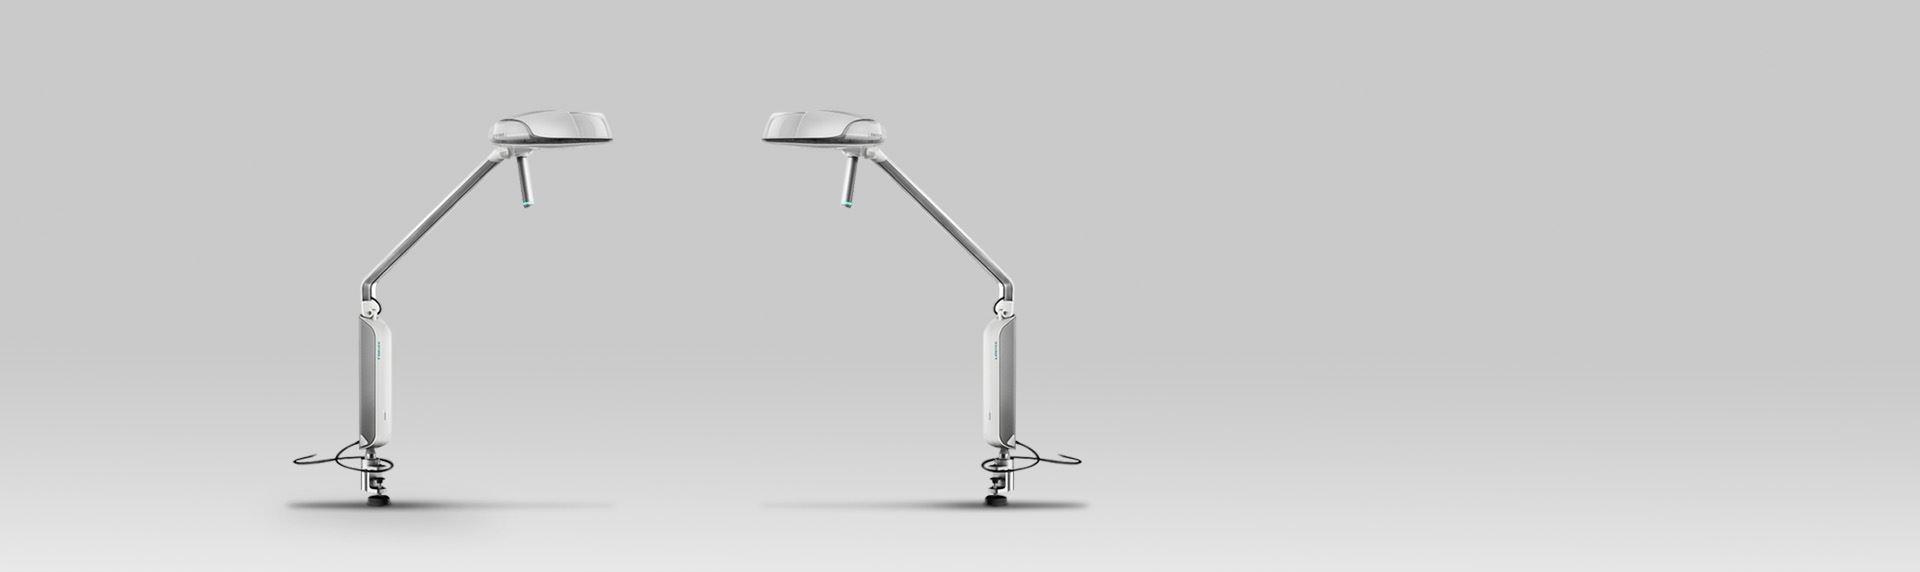 全网科技-led检测灯